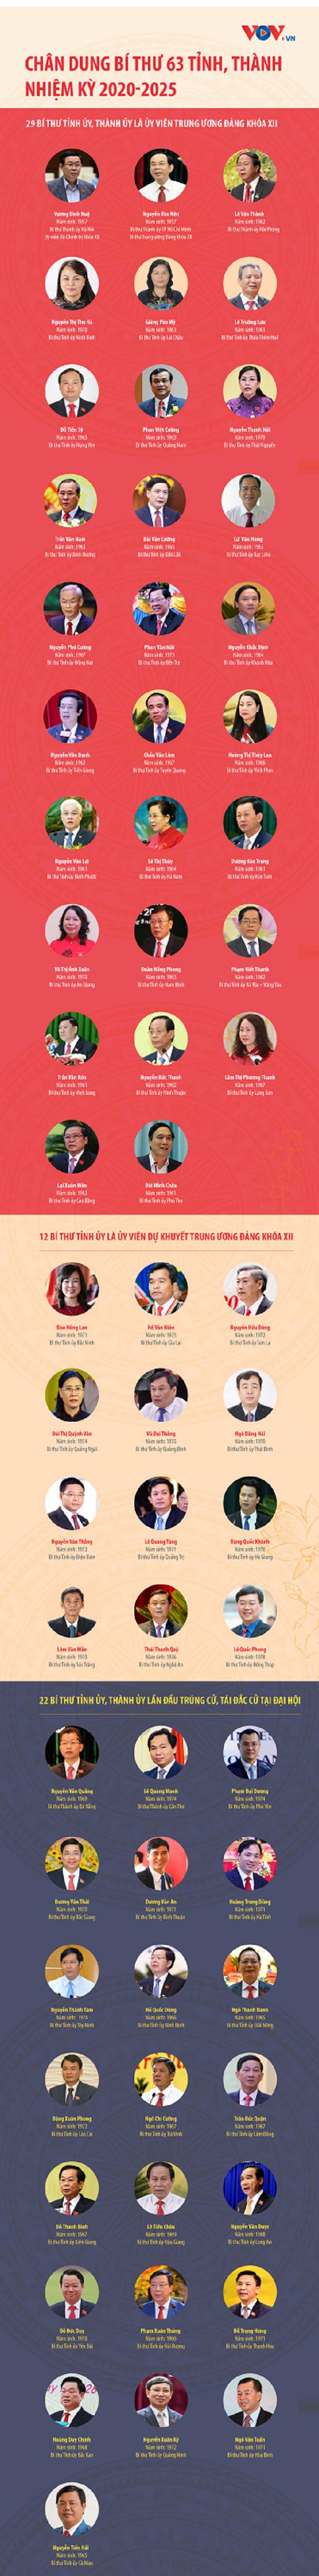 Chân dung Bí thư 63 tỉnh, thành nhiệm kỳ 2020-2025 - 1